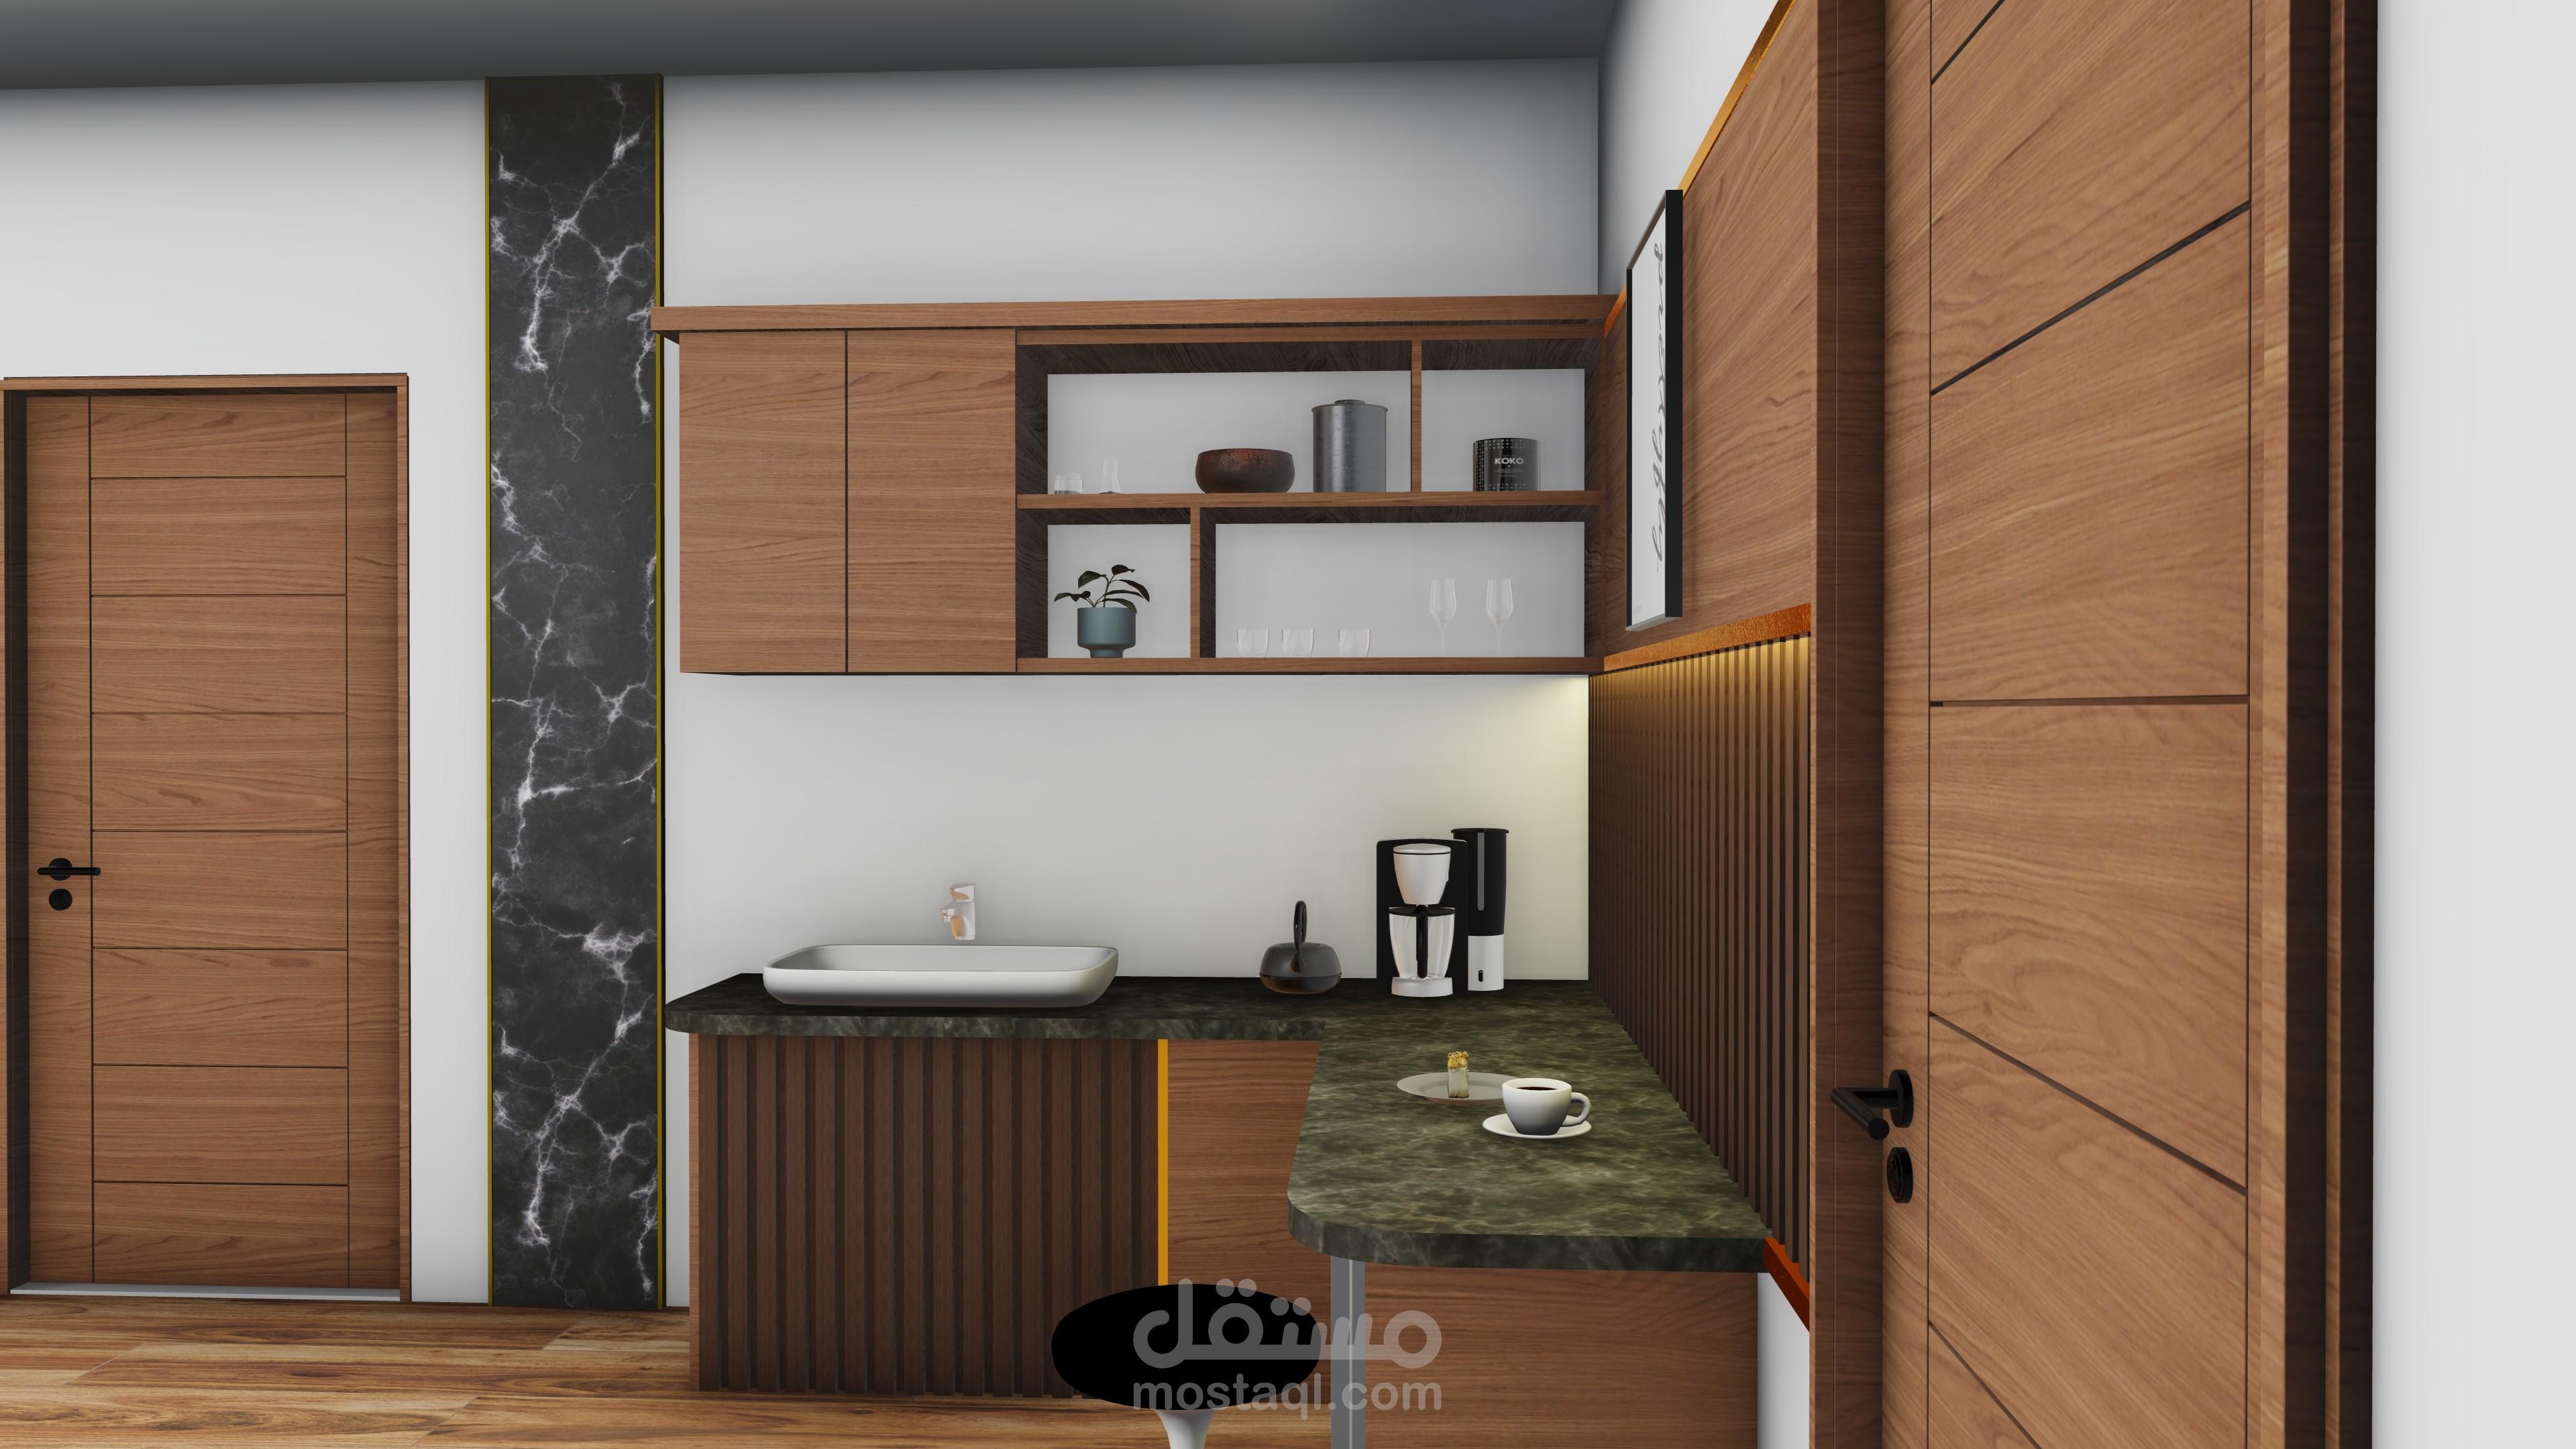 تصميم داخلي interior design